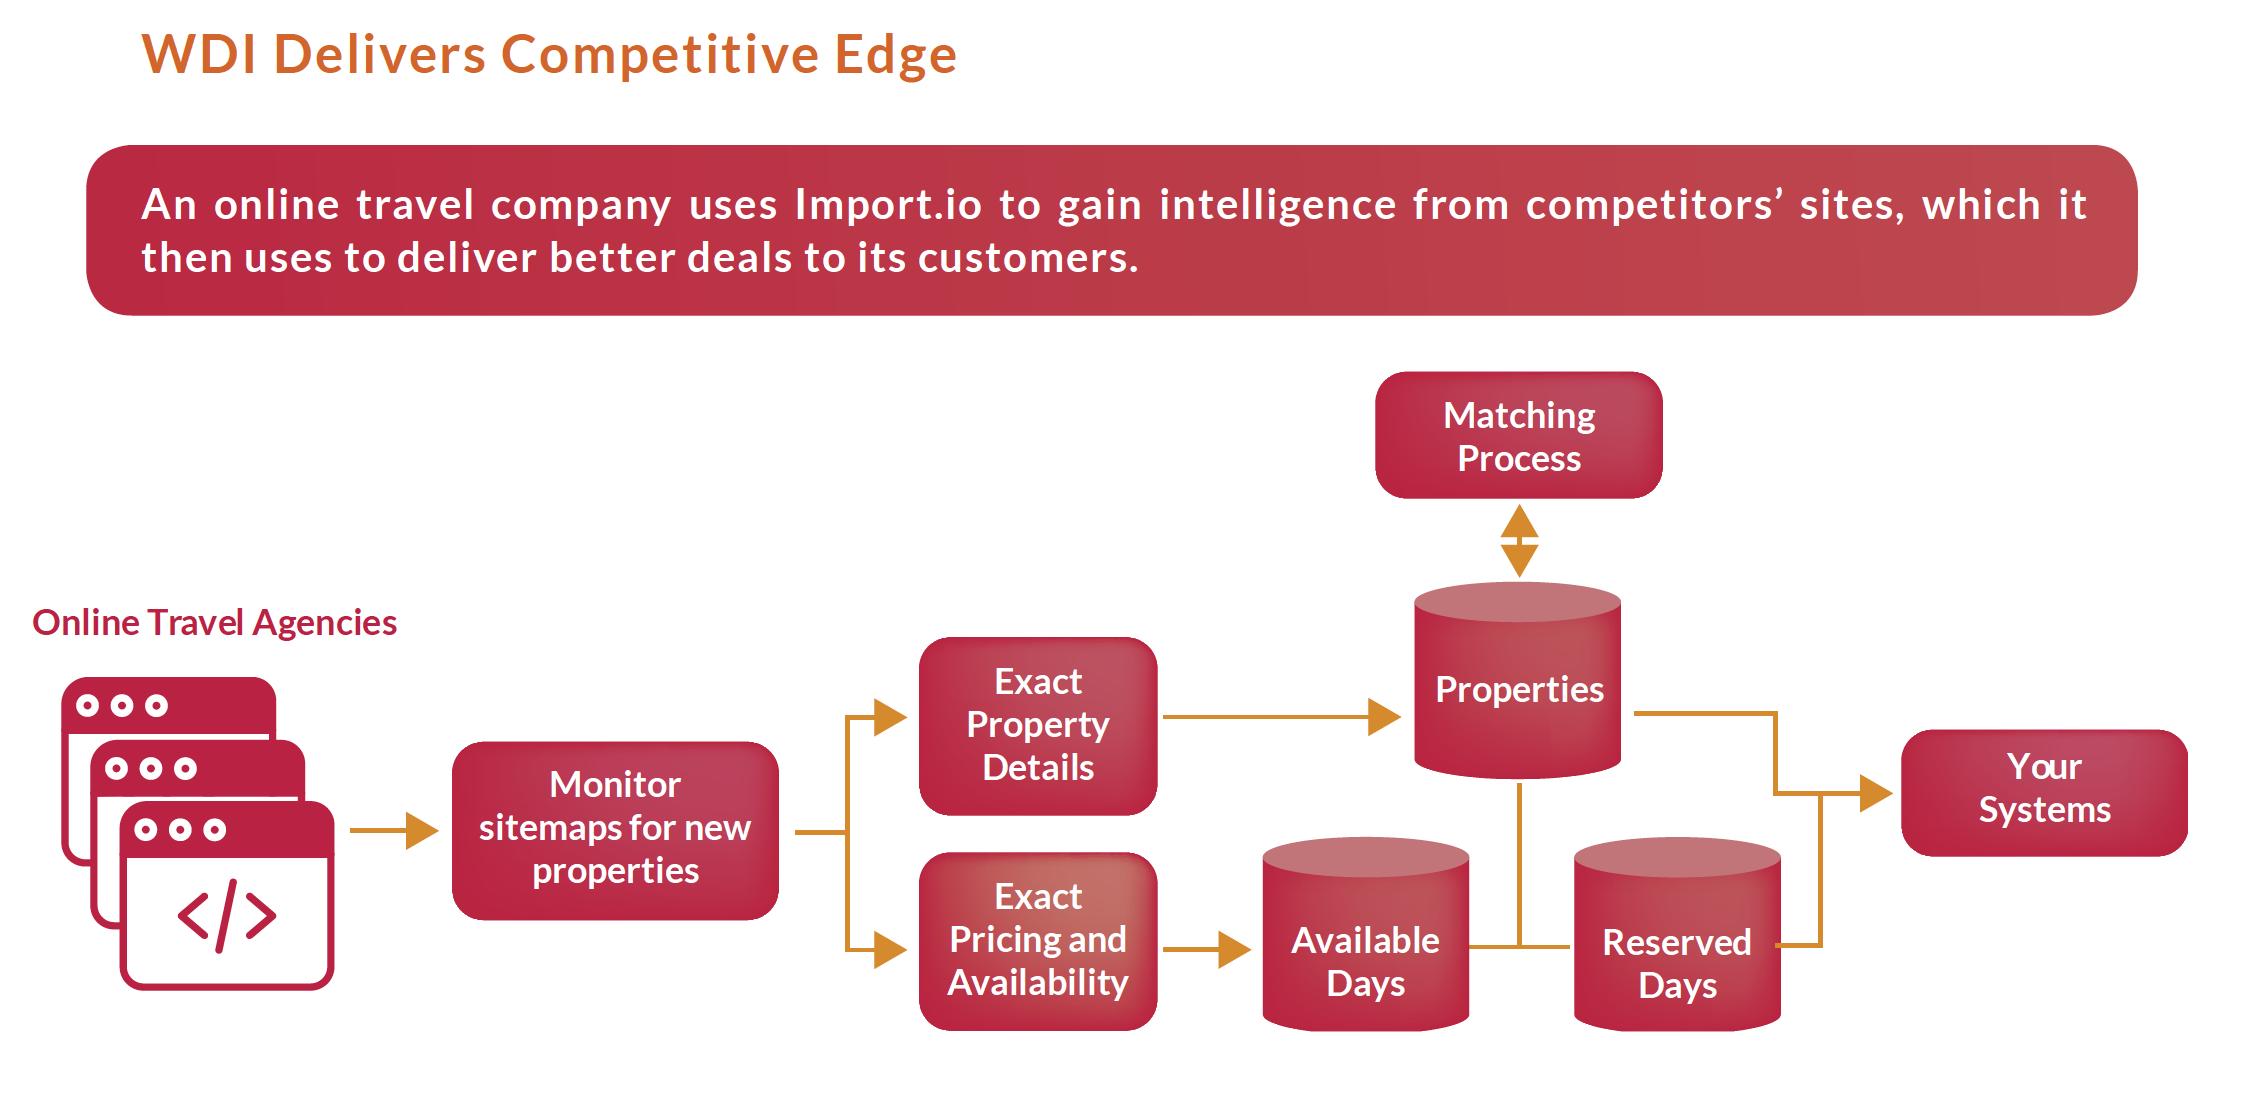 WDI Delivers Competitive Edge